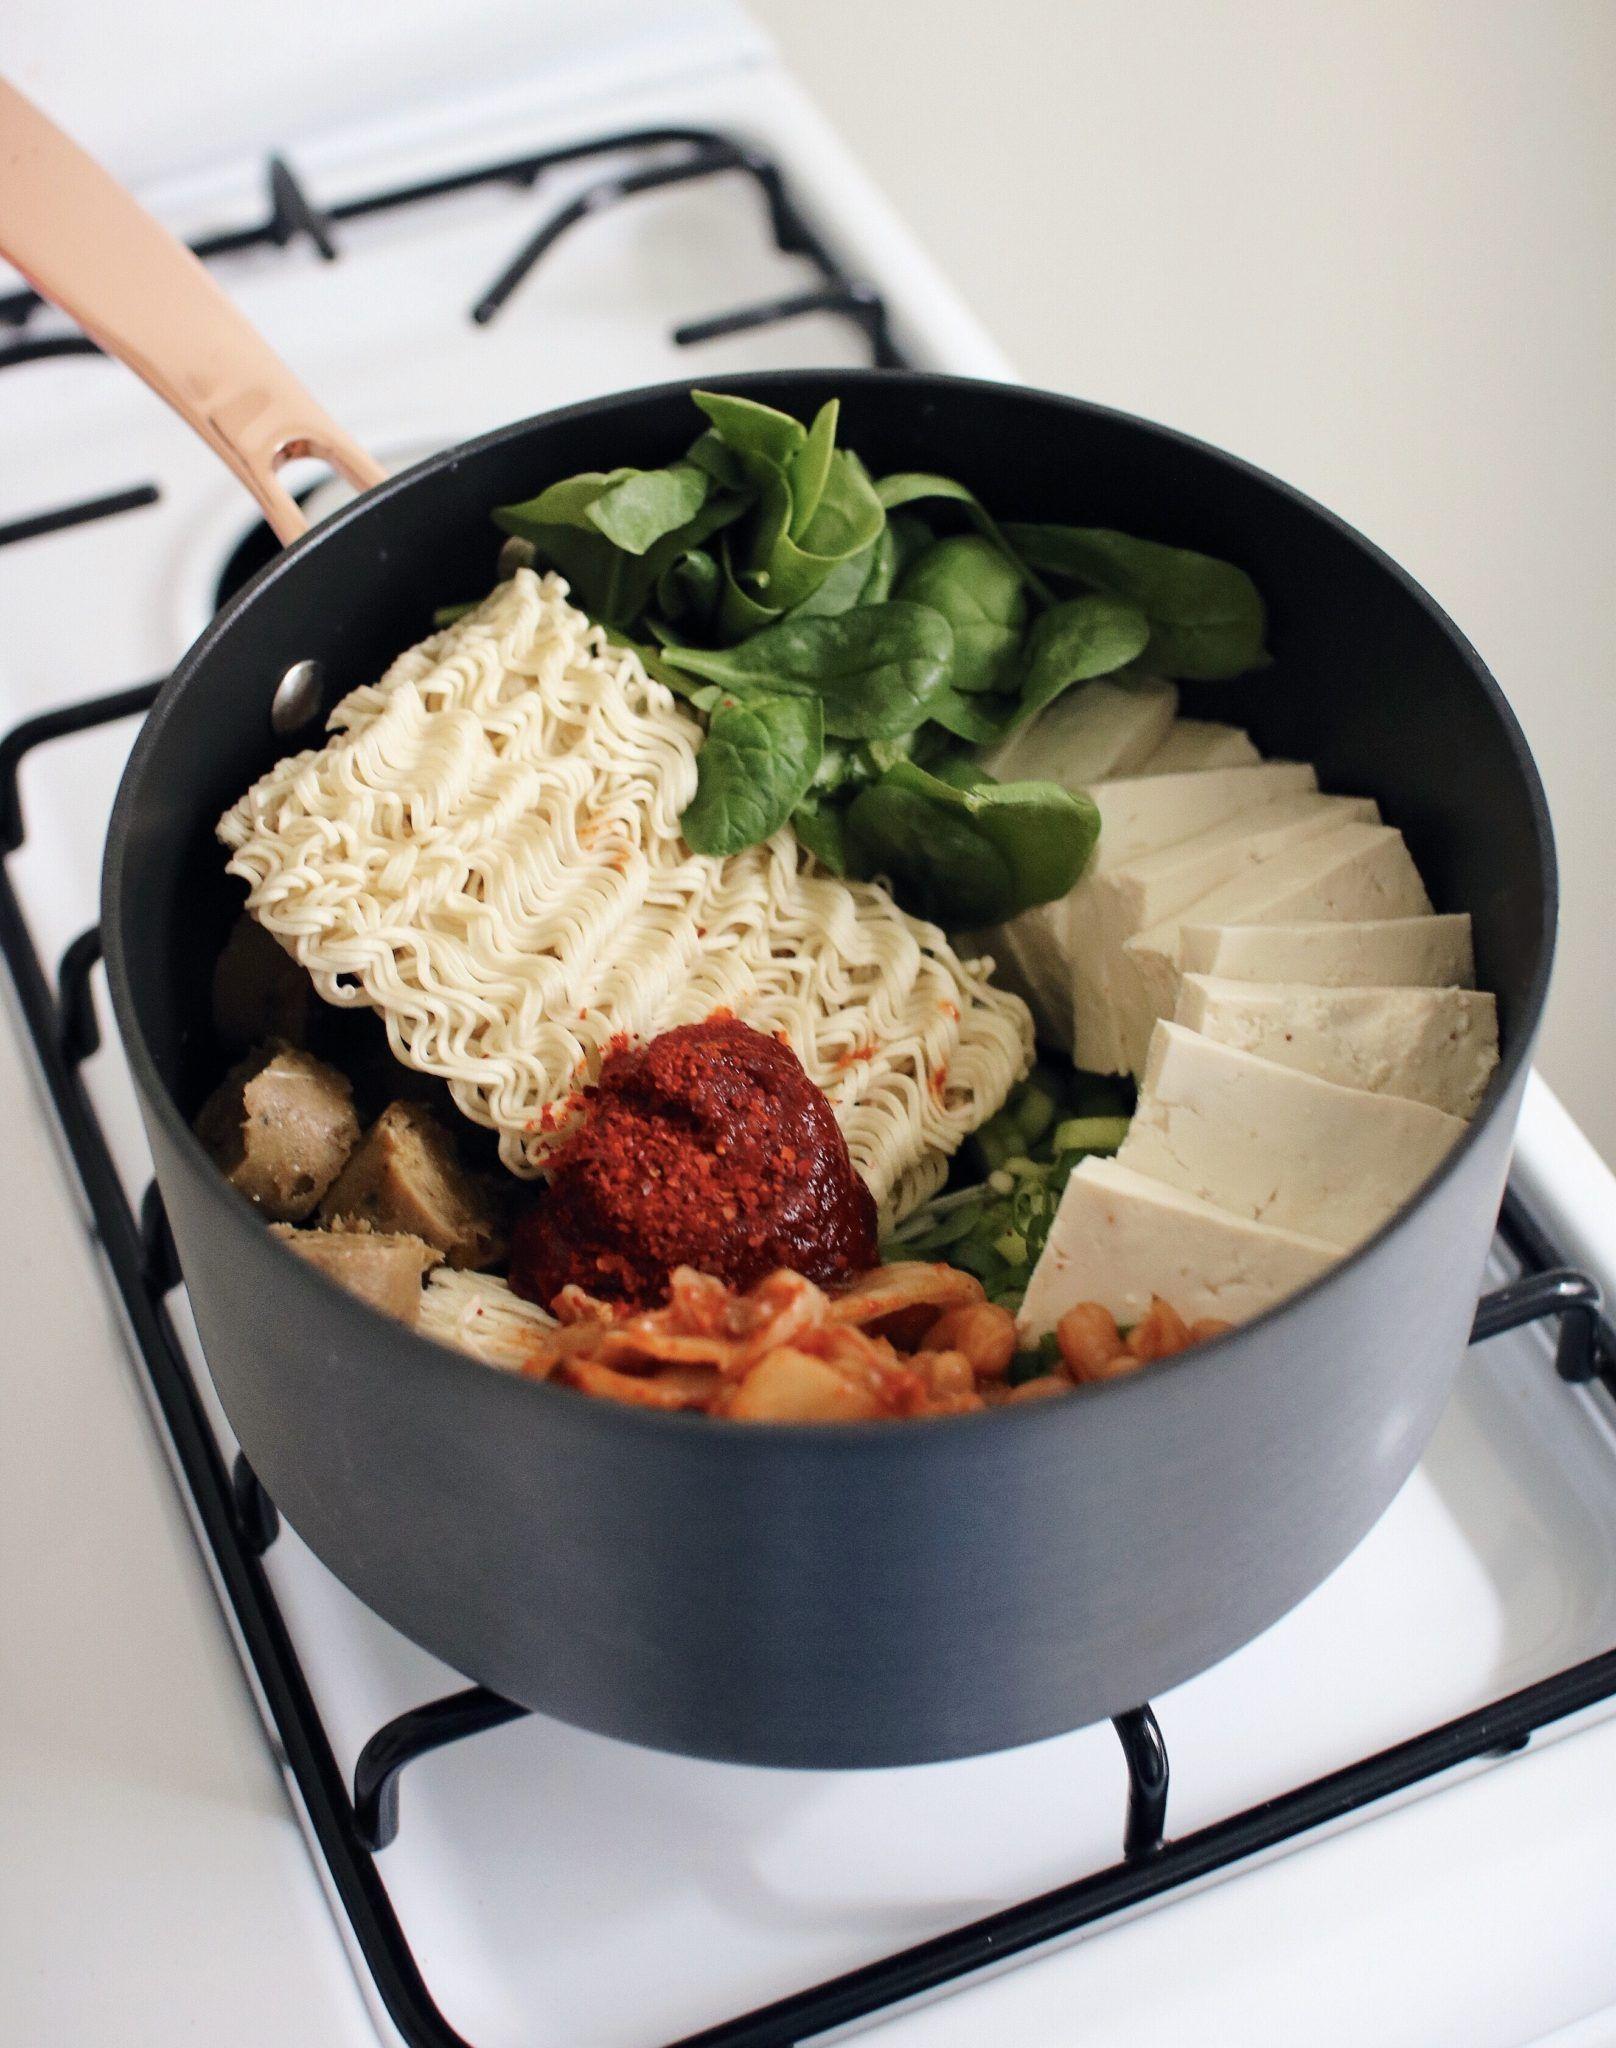 Vegan Budae Jjigae Recipe Korean Army Stew Berries Bliss Recipe Budae Jjigae Recipe Jjigae Recipe Vegan Korean Food